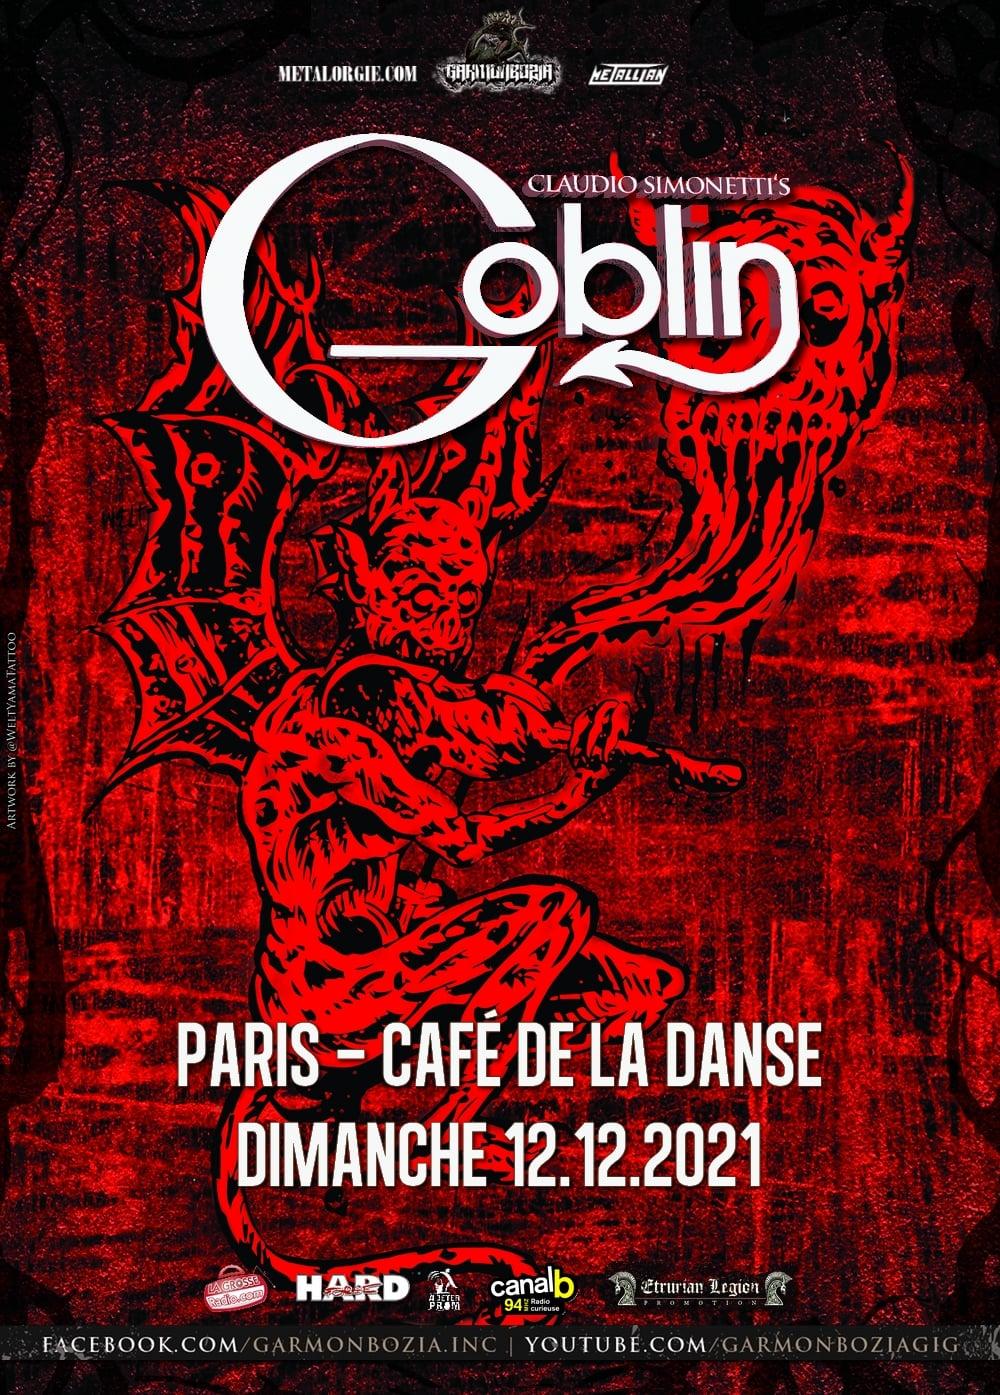 Claudio Simonetti's Goblin @ Café de la Danse (Paris) - 12 décembre 2021